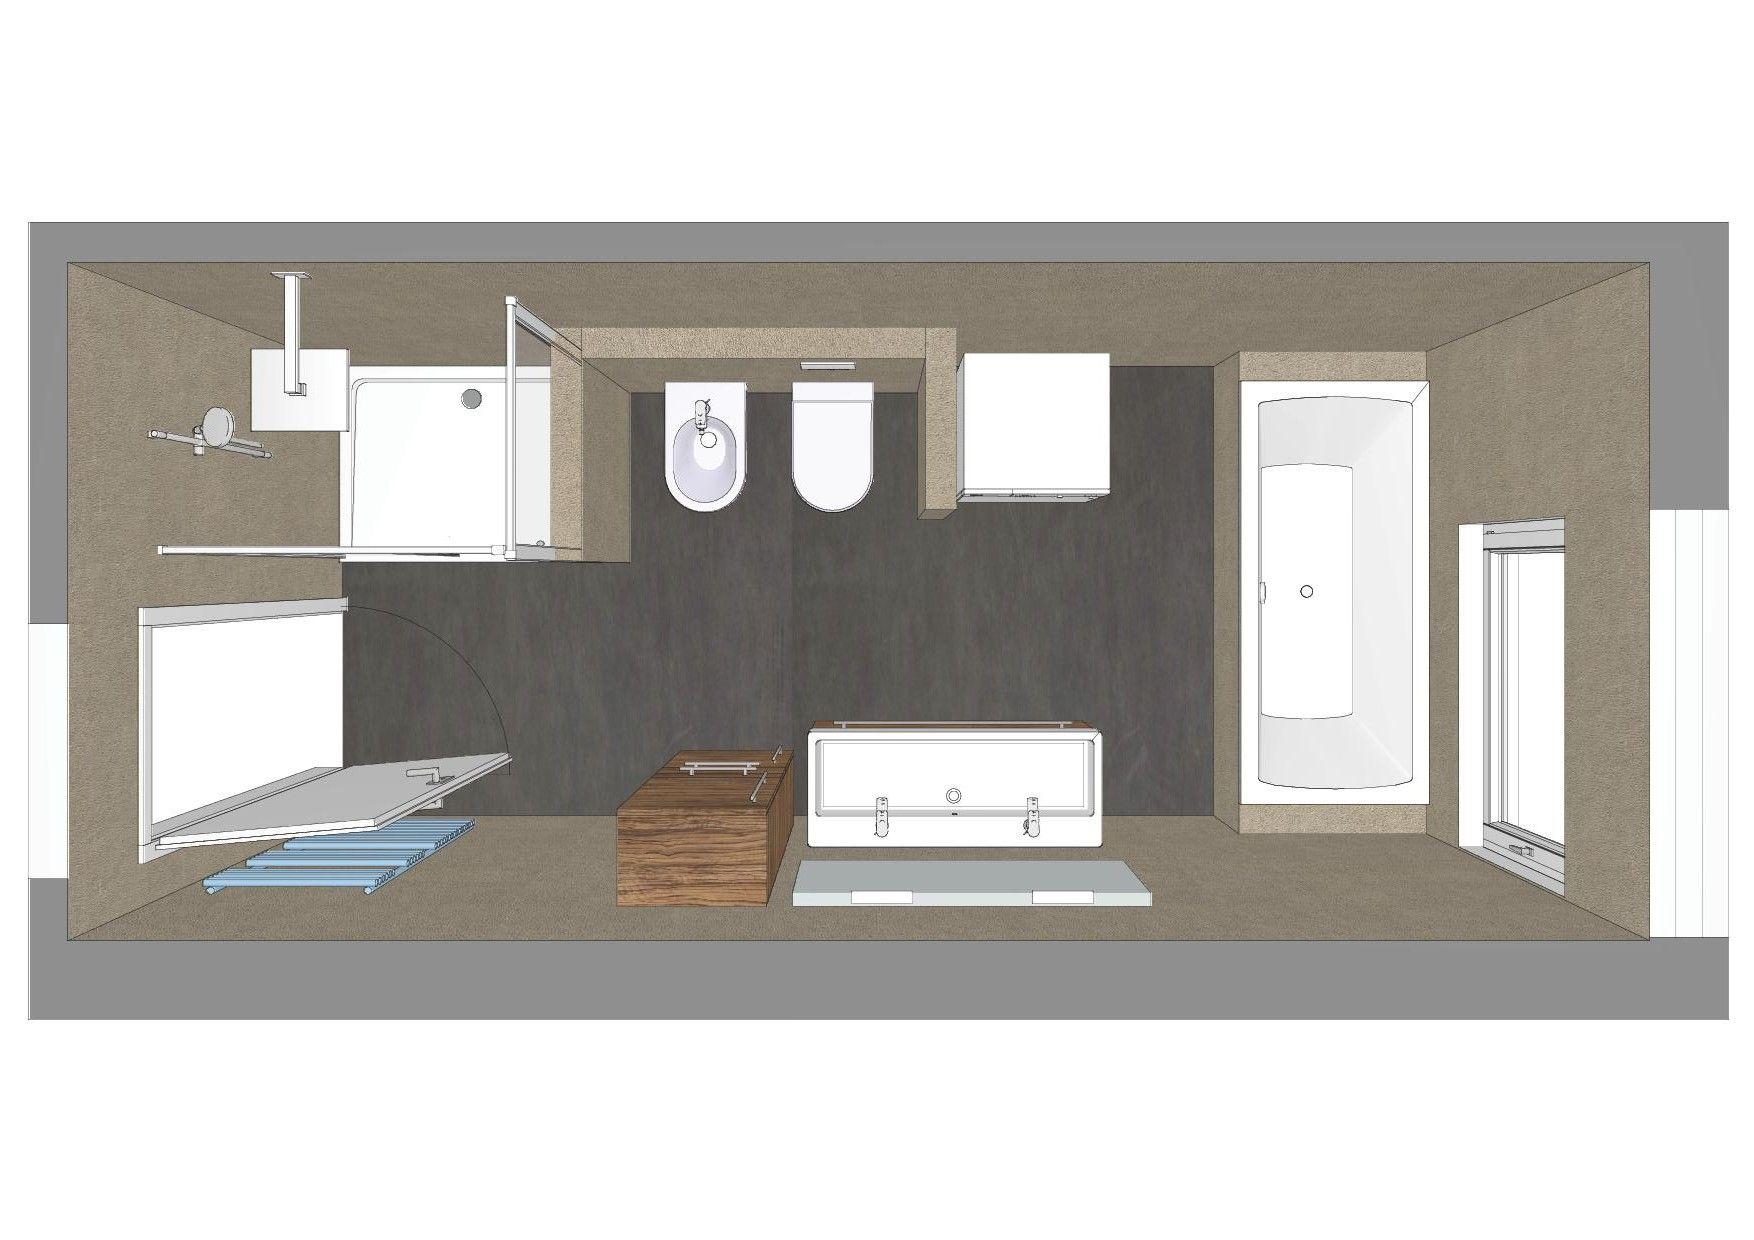 Bad Planung Fur Das Schlauch Badezimmer Badezimmer Kleine Badezimmer Badezimmer Grundriss